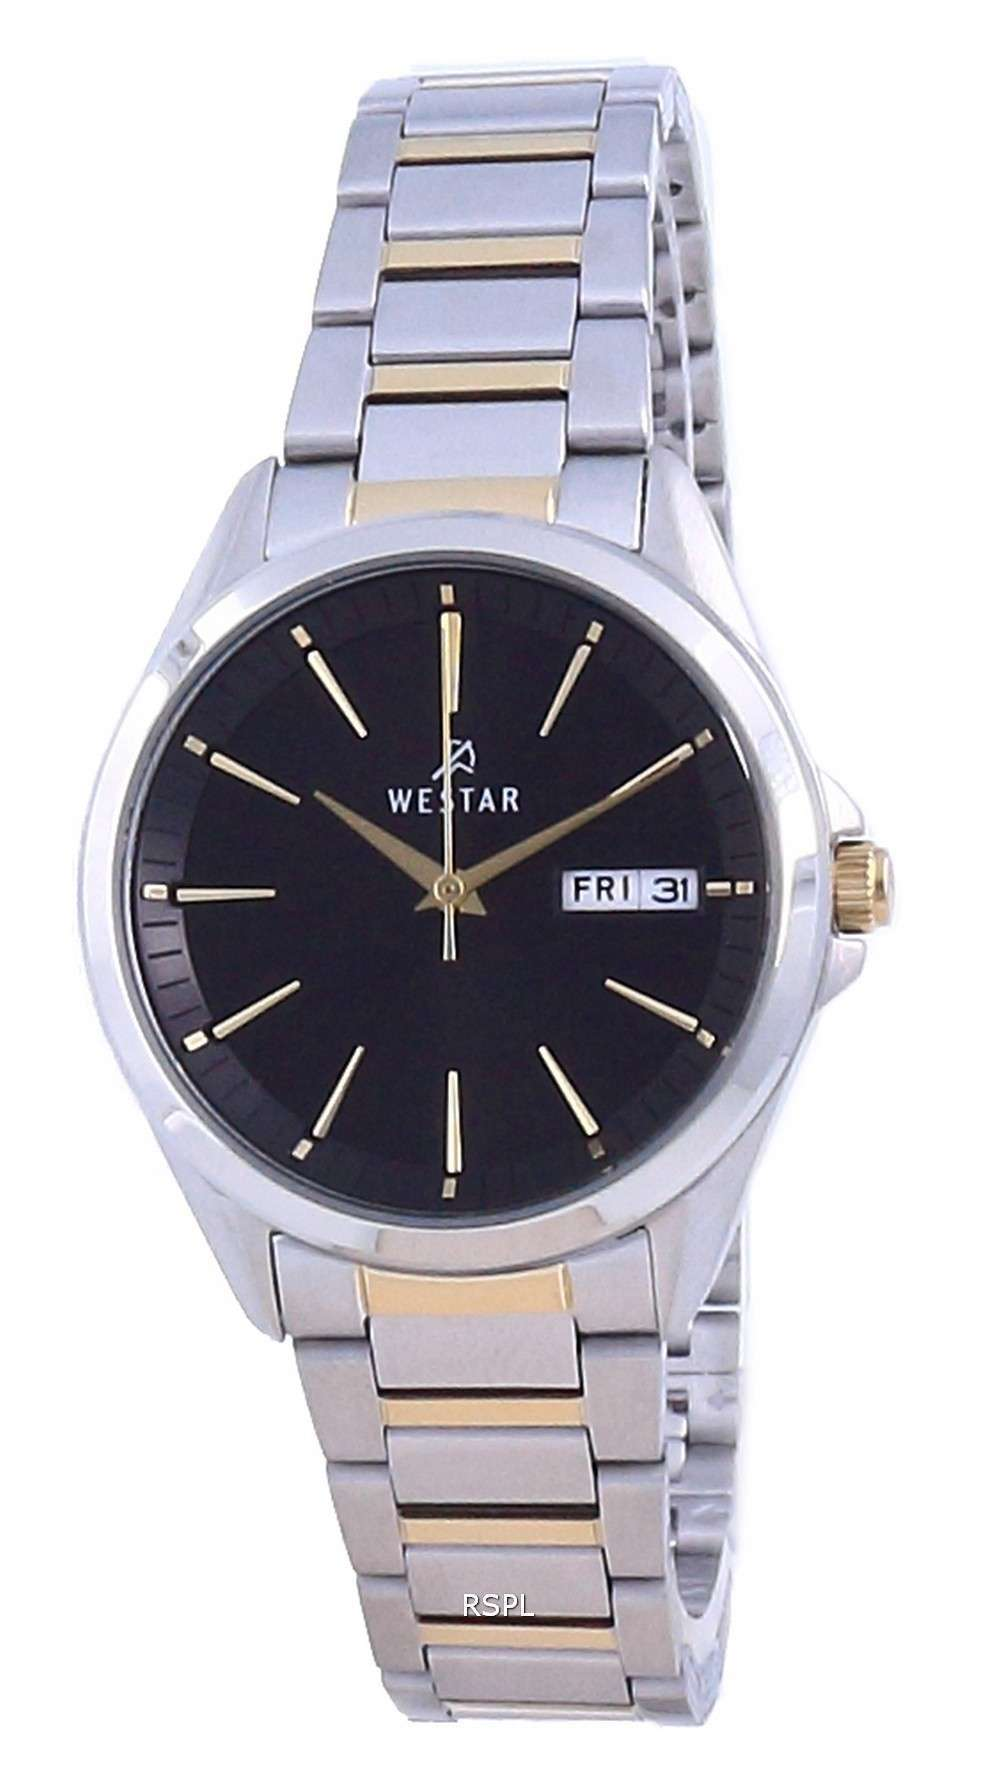 Westar, esfera negra, acero inoxidable, cuarzo 40212 CBN 103, reloj para mujer